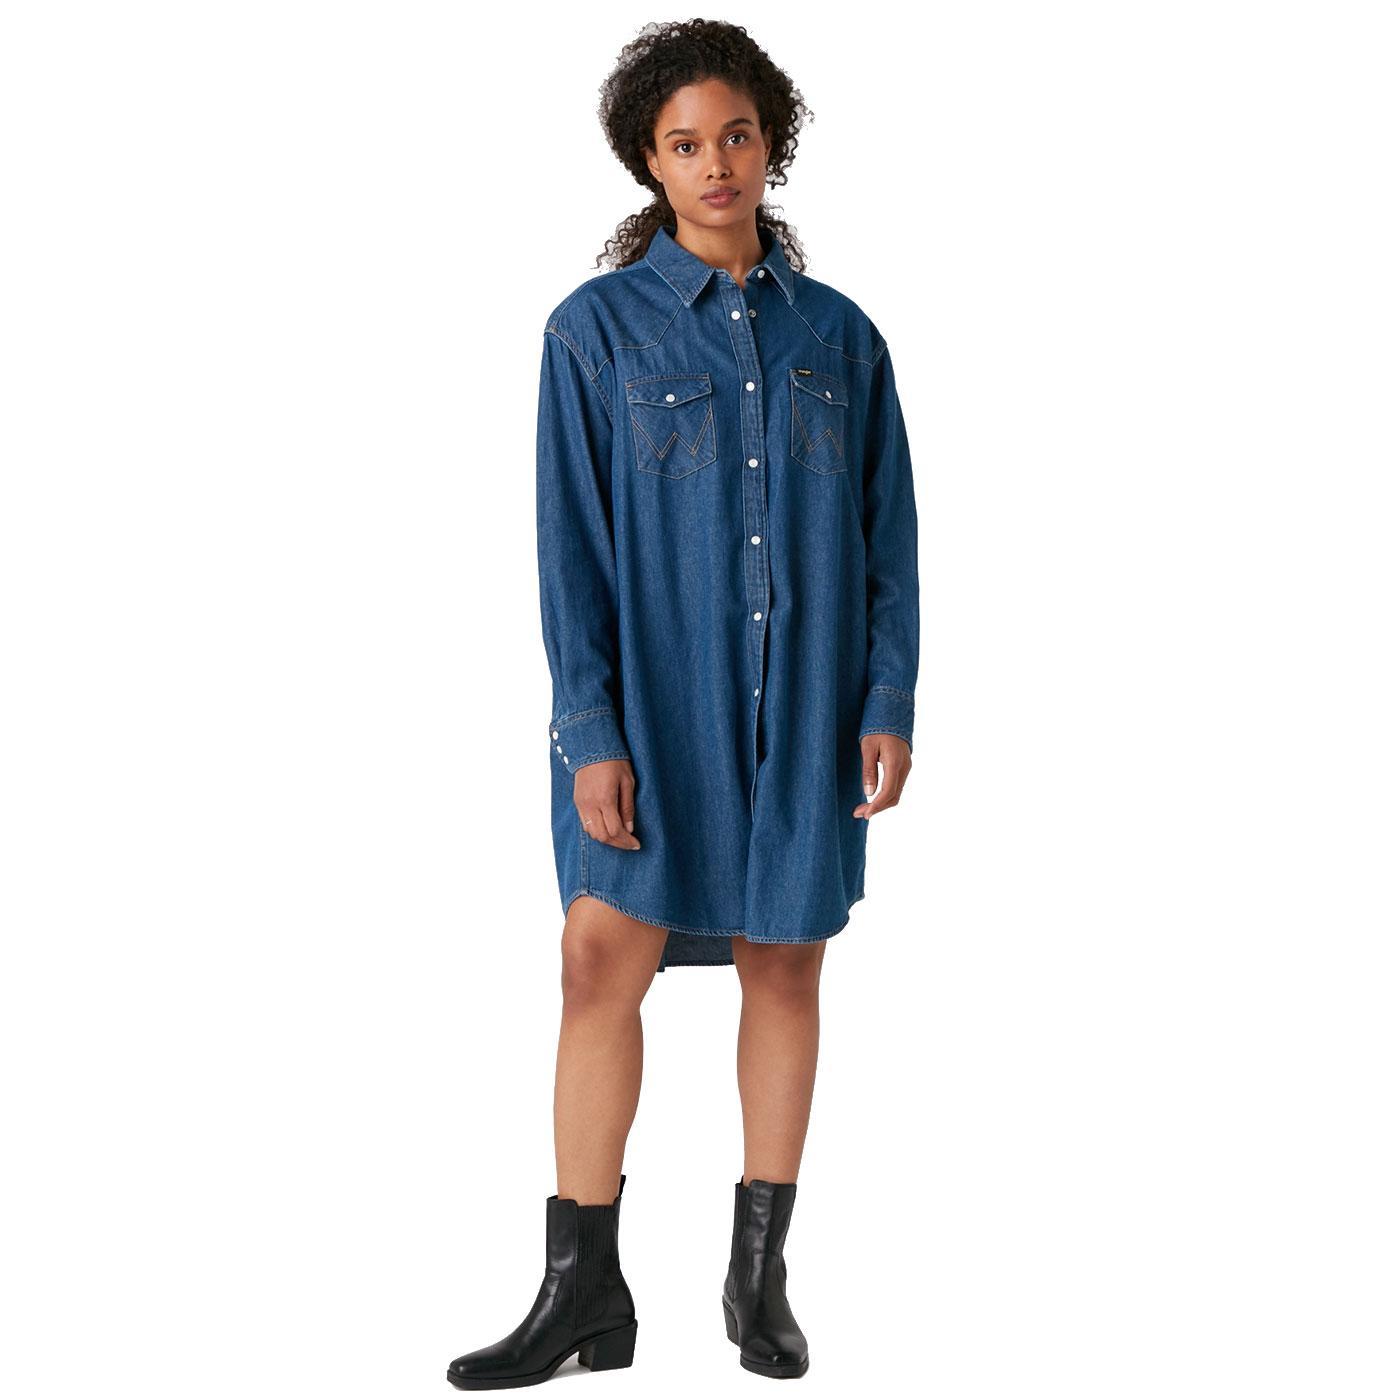 WRANGLER Womens Retro Oversized Denim Shirt Dress